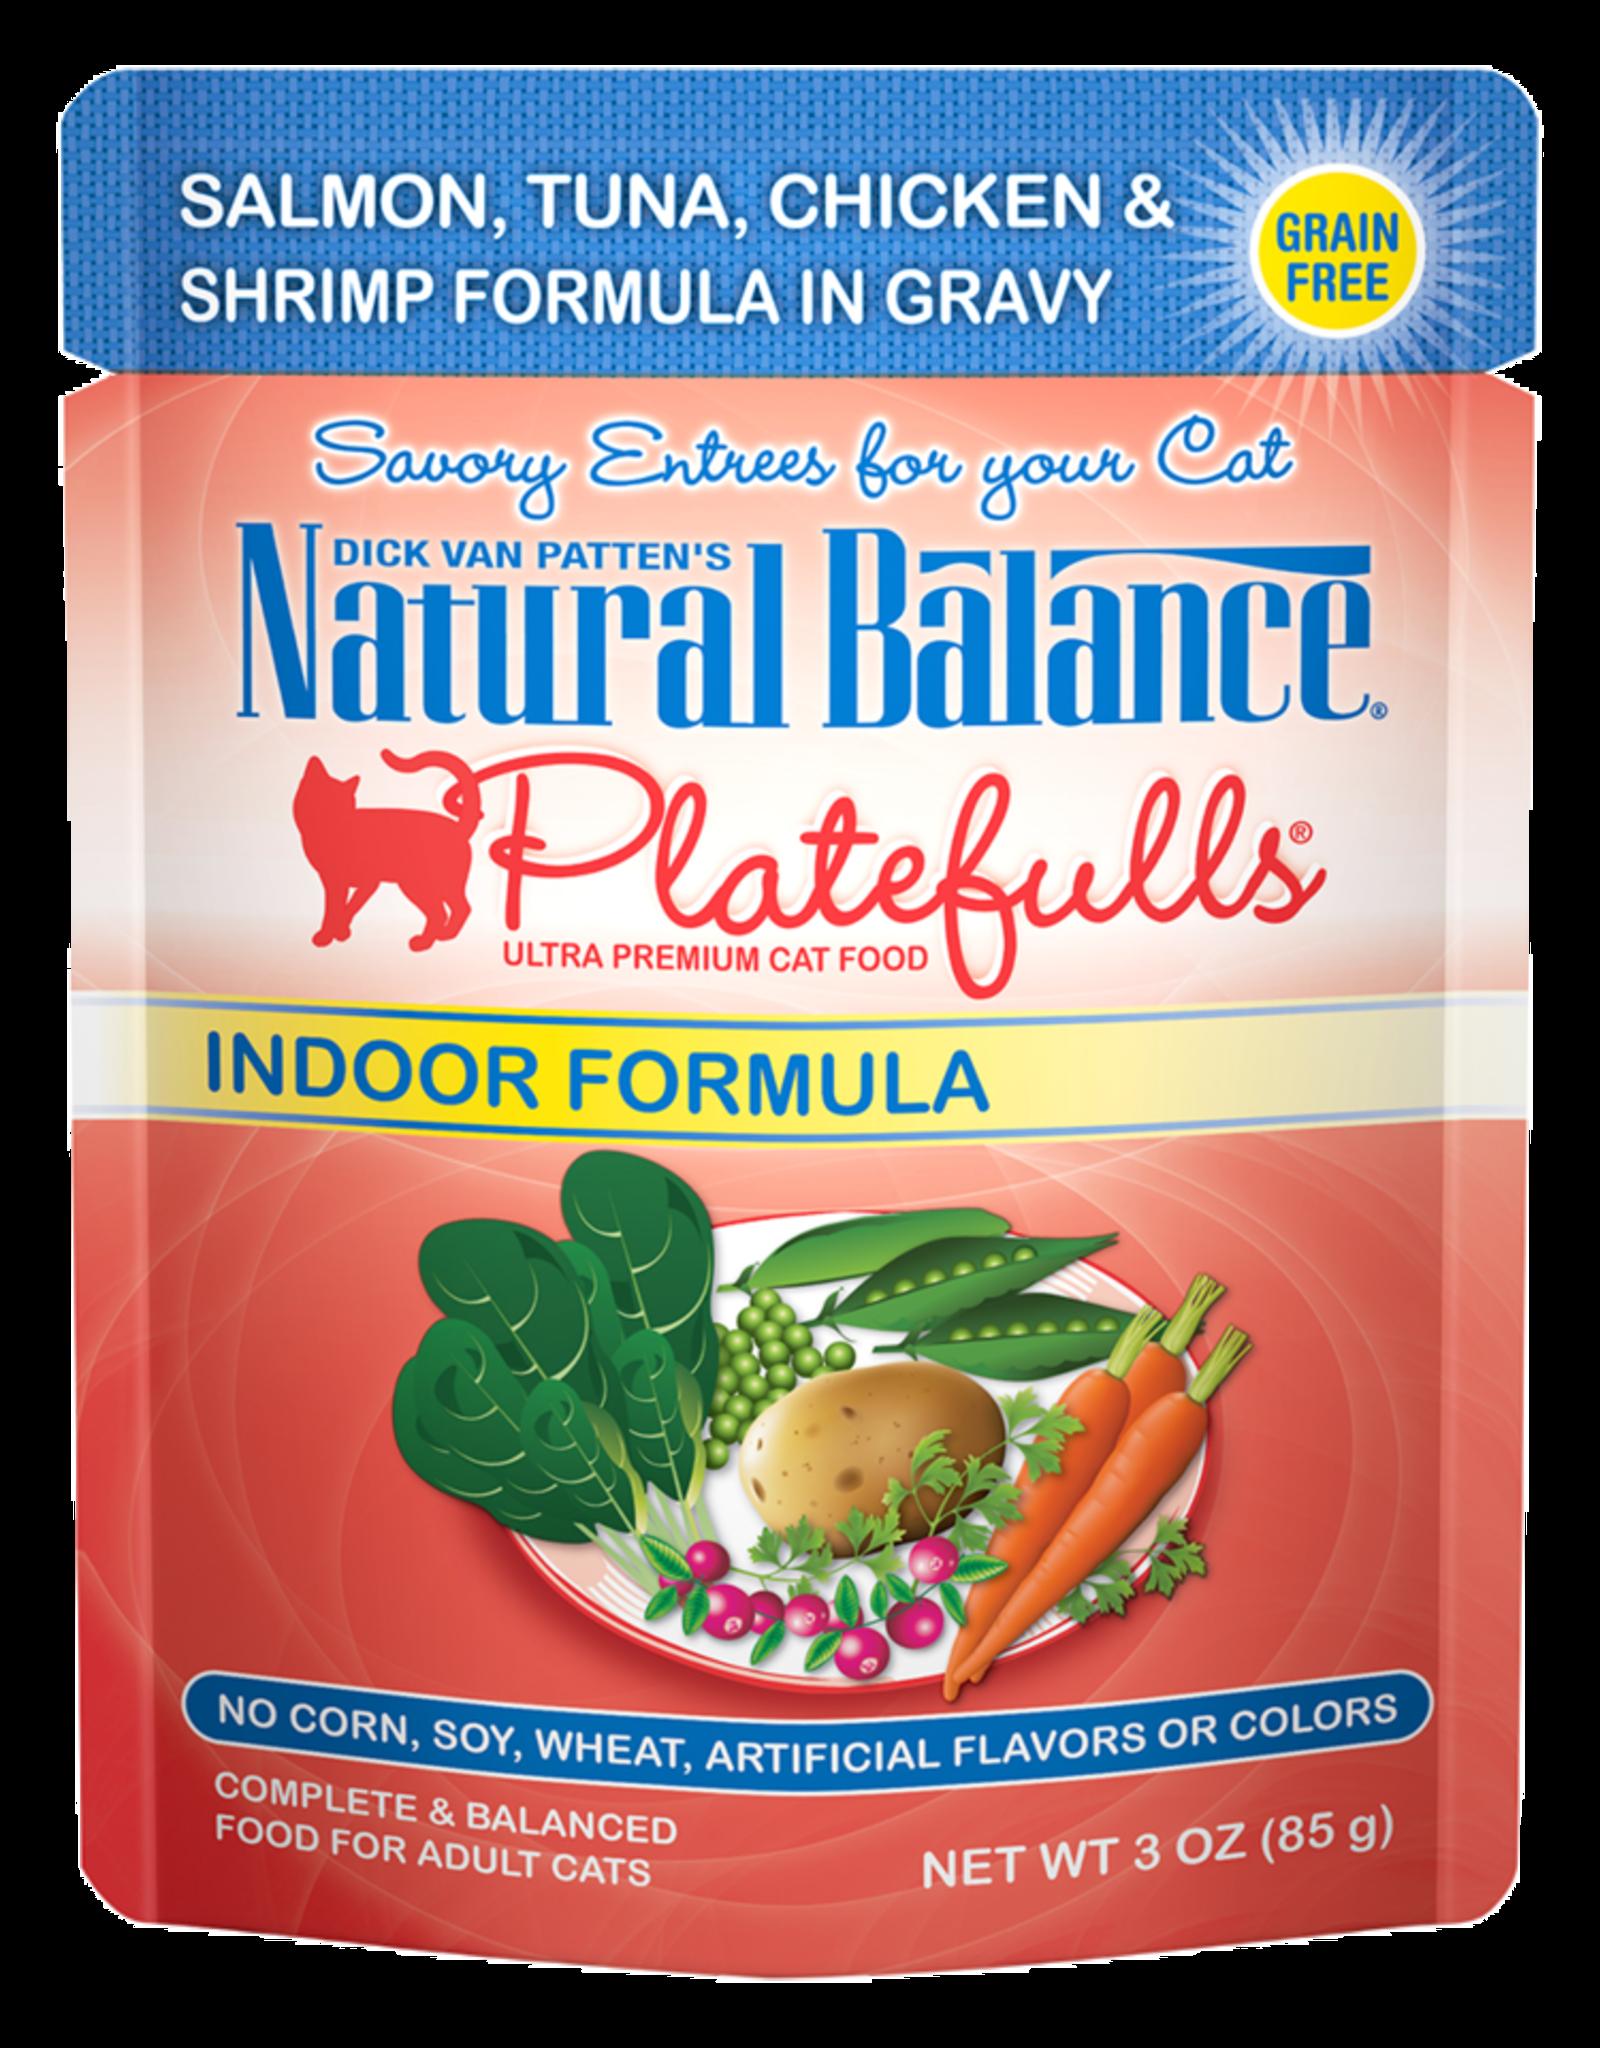 NATURAL BALANCE PET FOODS INC NB Platefulls / Indoor / Salmon, Tuna, Chicken & Shrimp 3oz